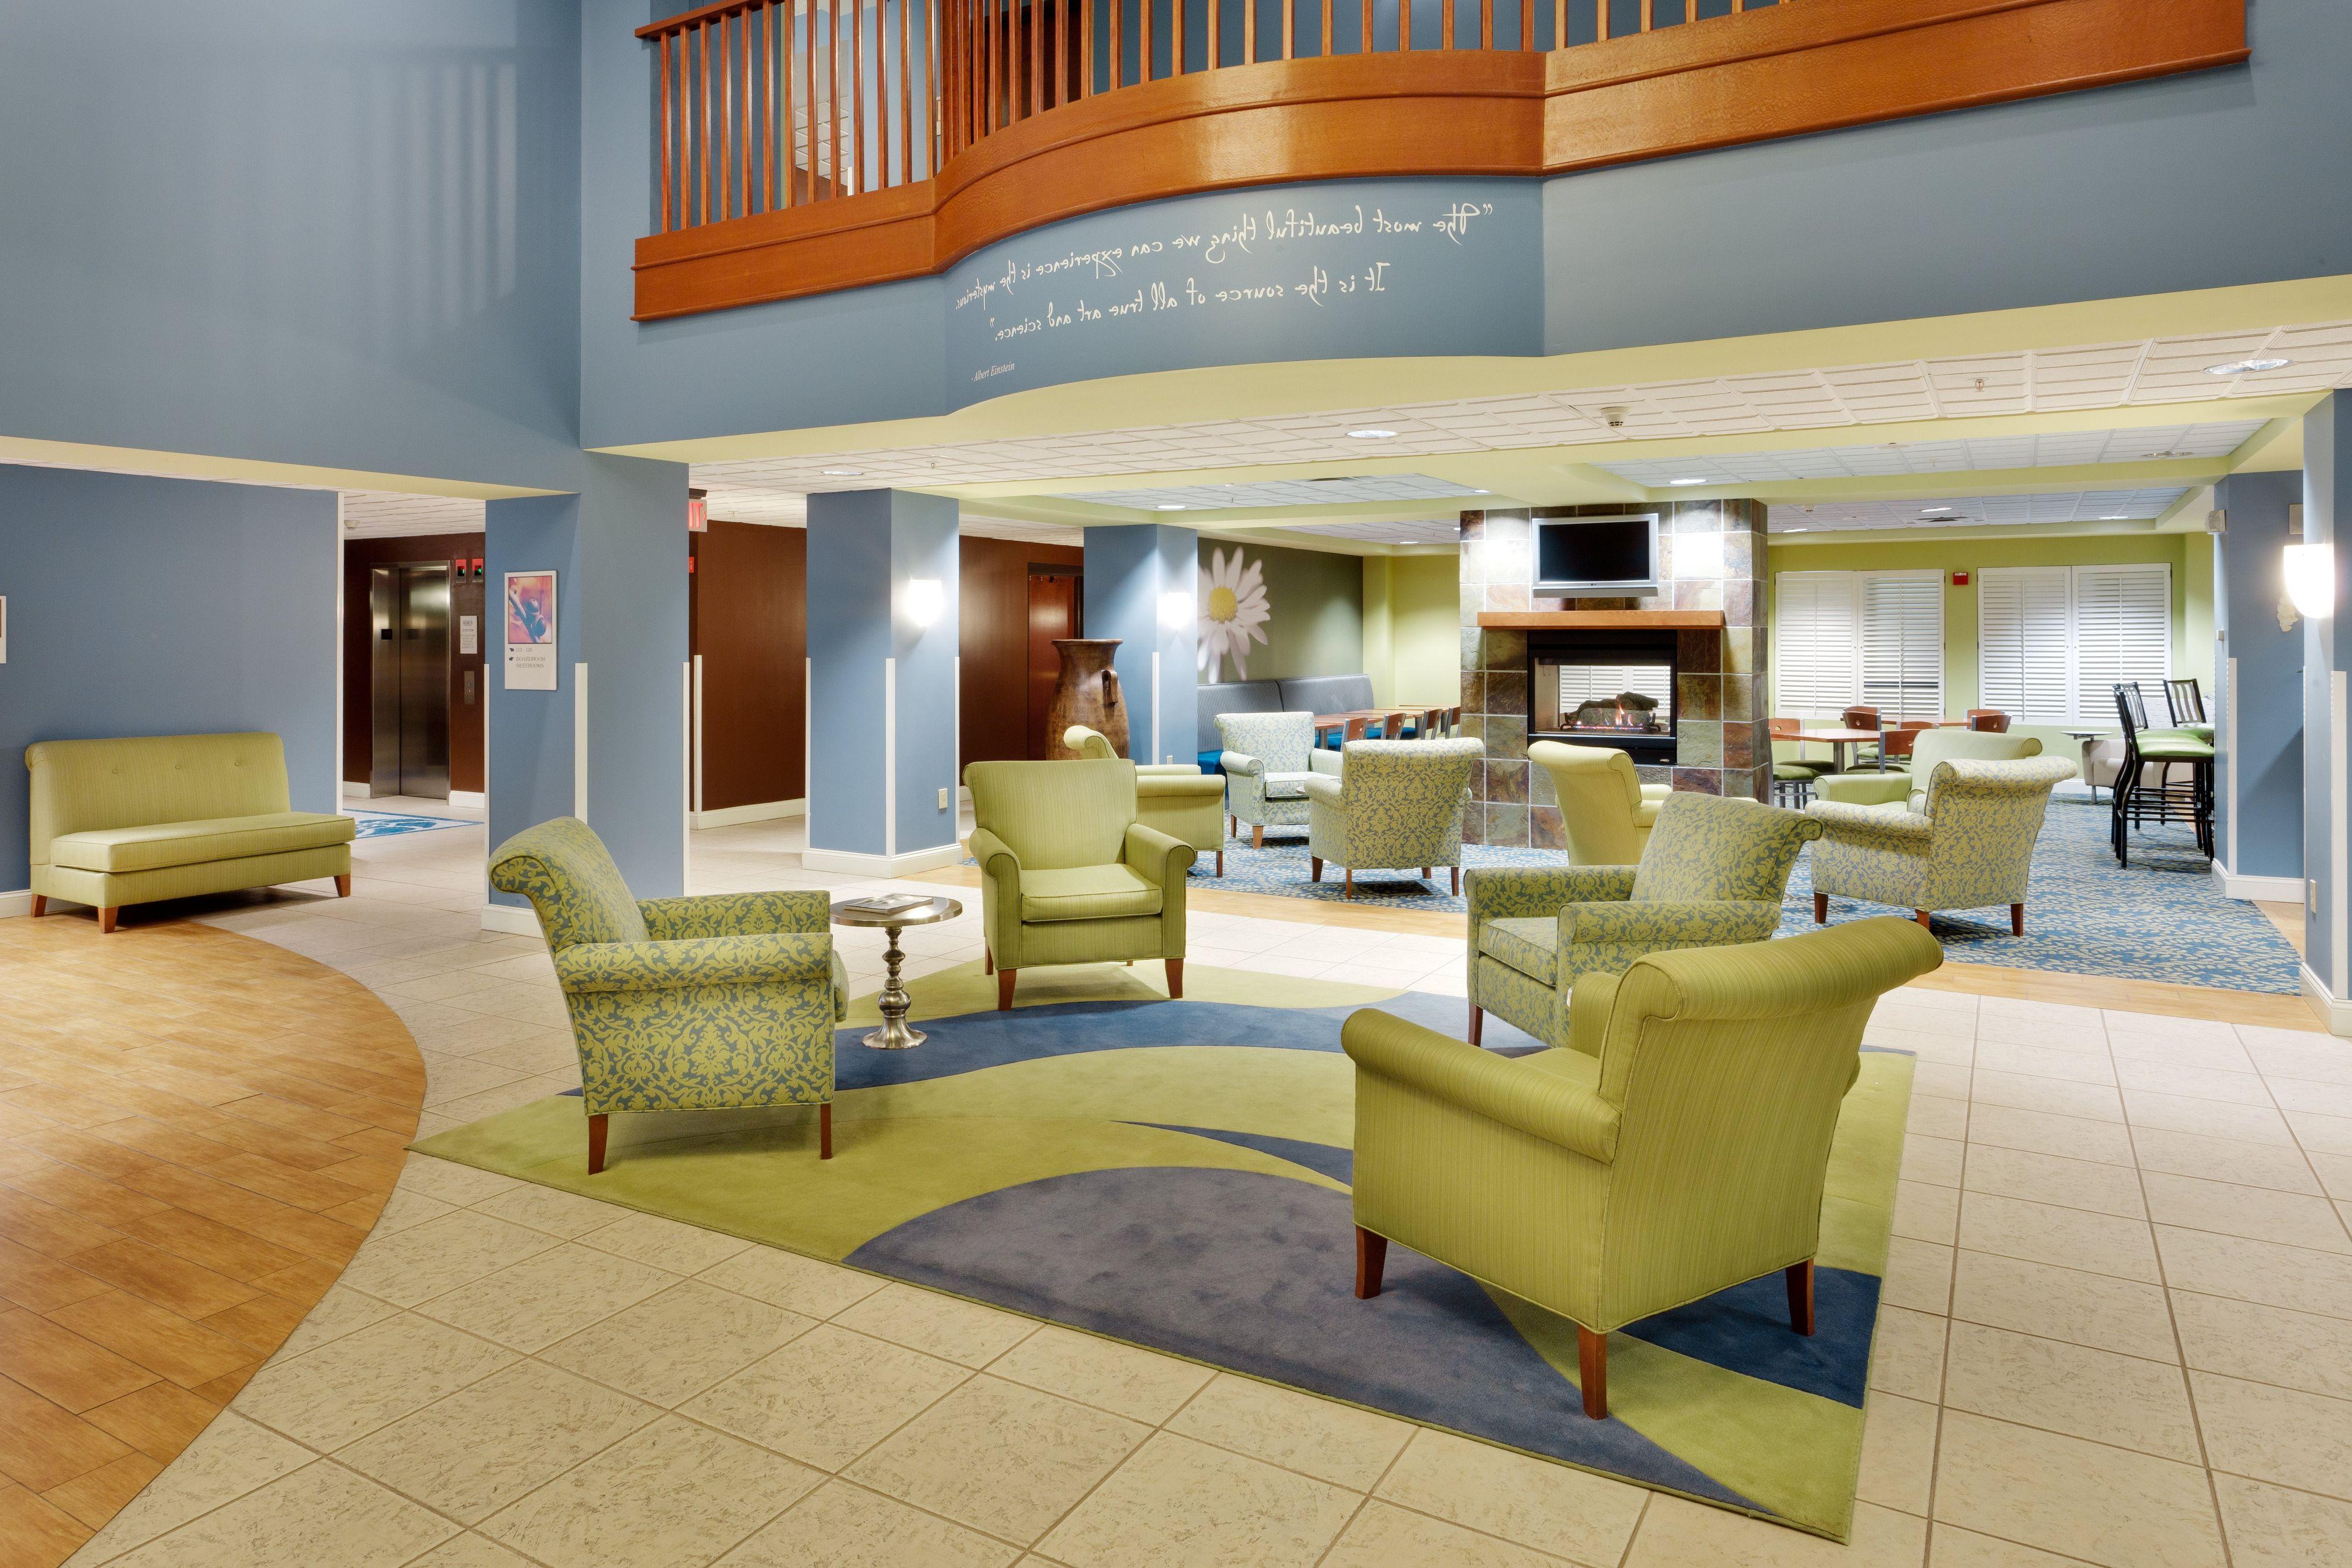 Hotel Indigo Albany Latham image 5